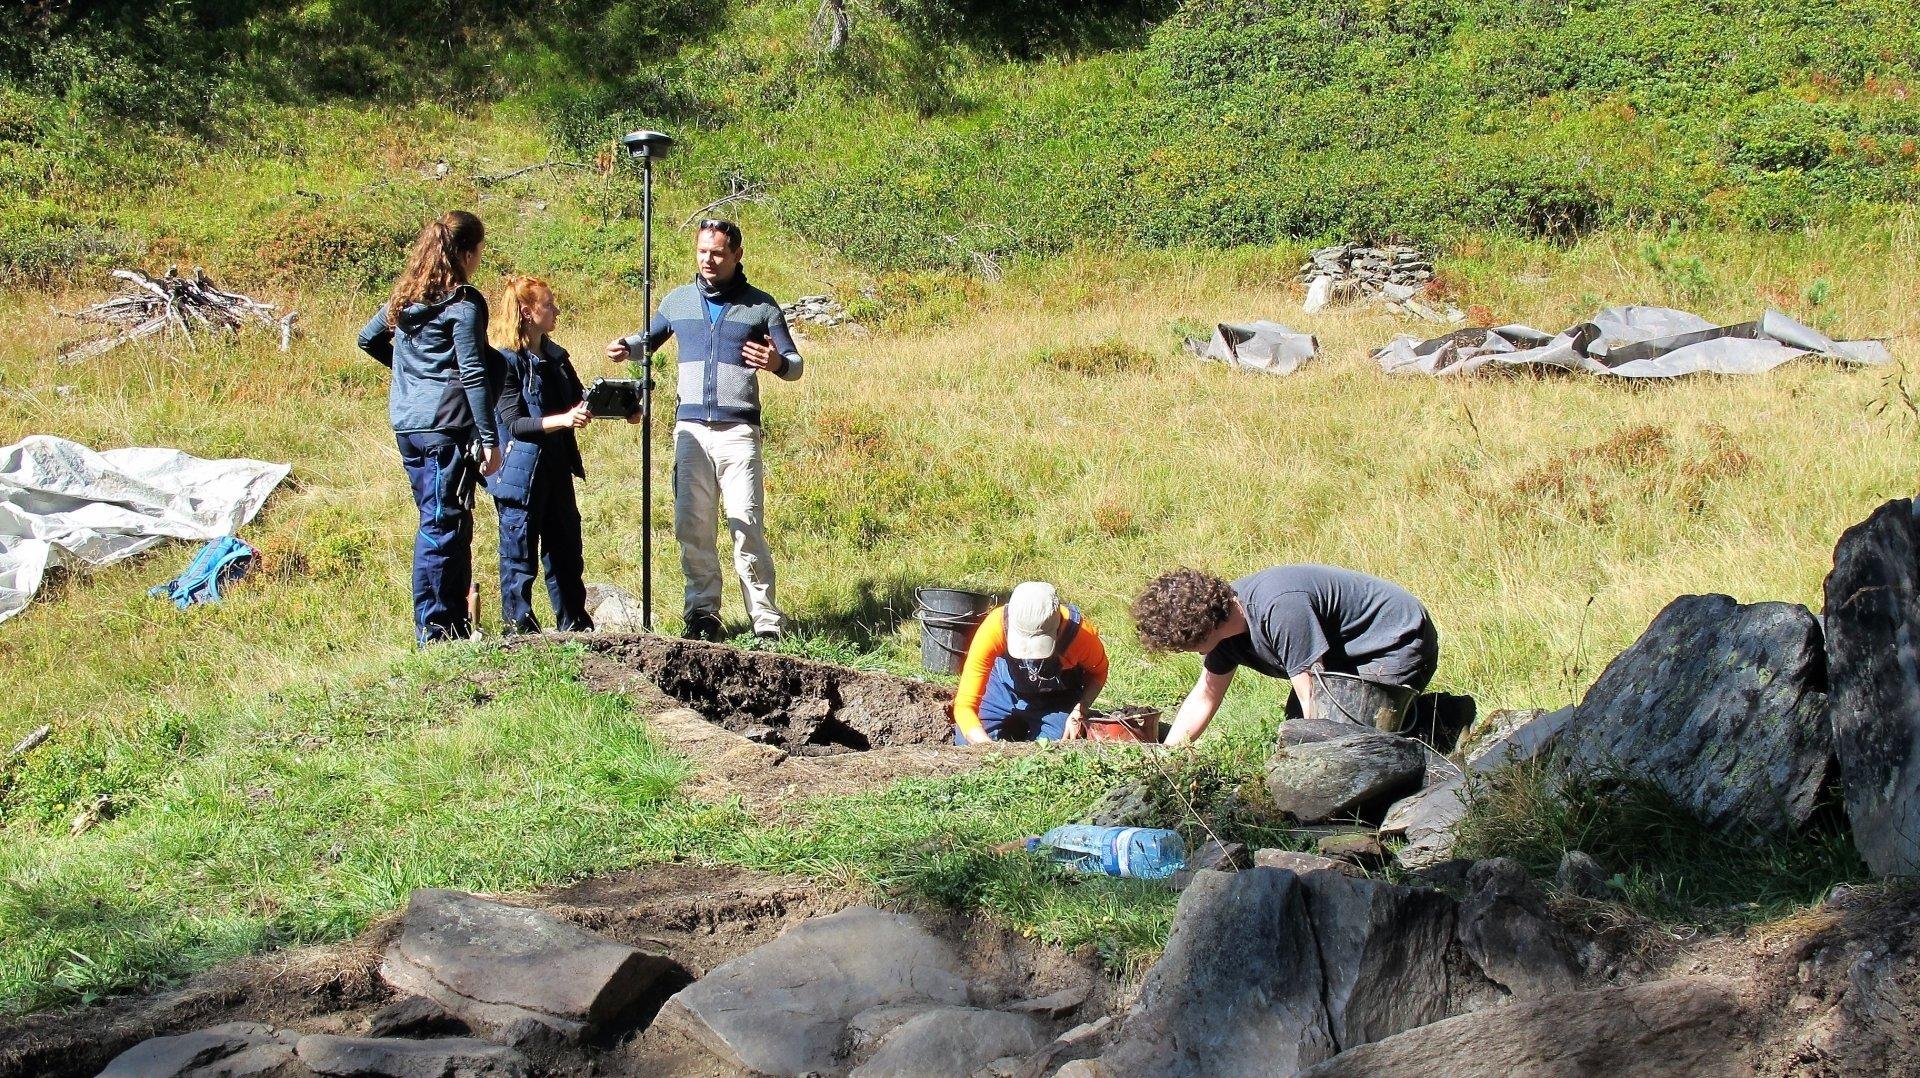 Au premier plan, les vestiges d'un four utilisé pour extraire le fer de la roche. Au deuxième plan, l'équipe de Rouven Turck s'attelle à extraire des scories et des morceaux de charbon de bois qui seront ensuite datés.